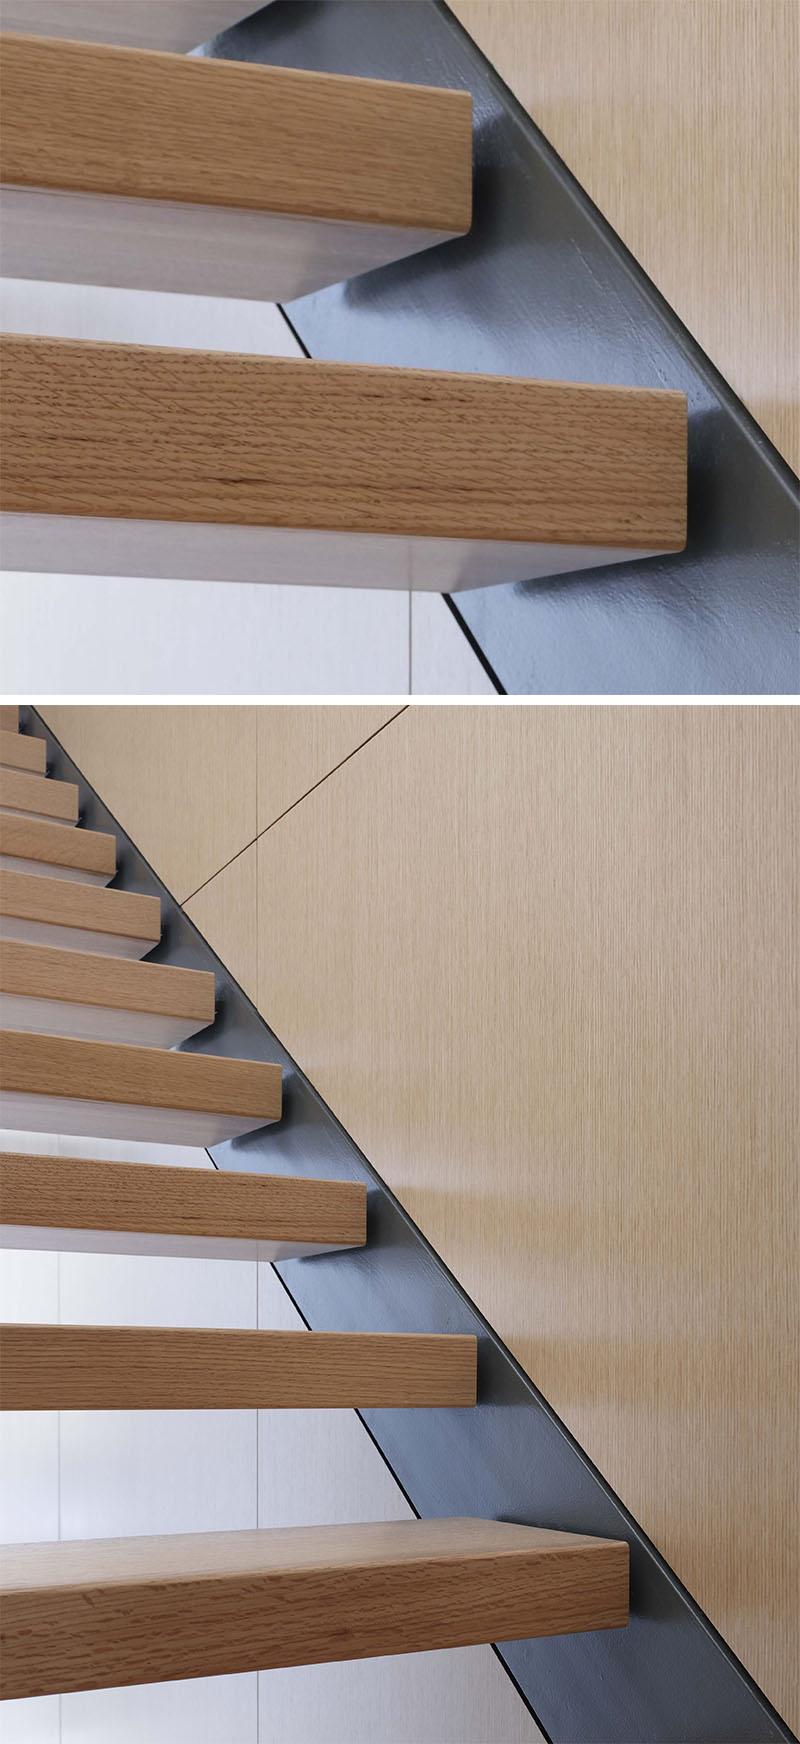 stair-details_040716_05.jpg